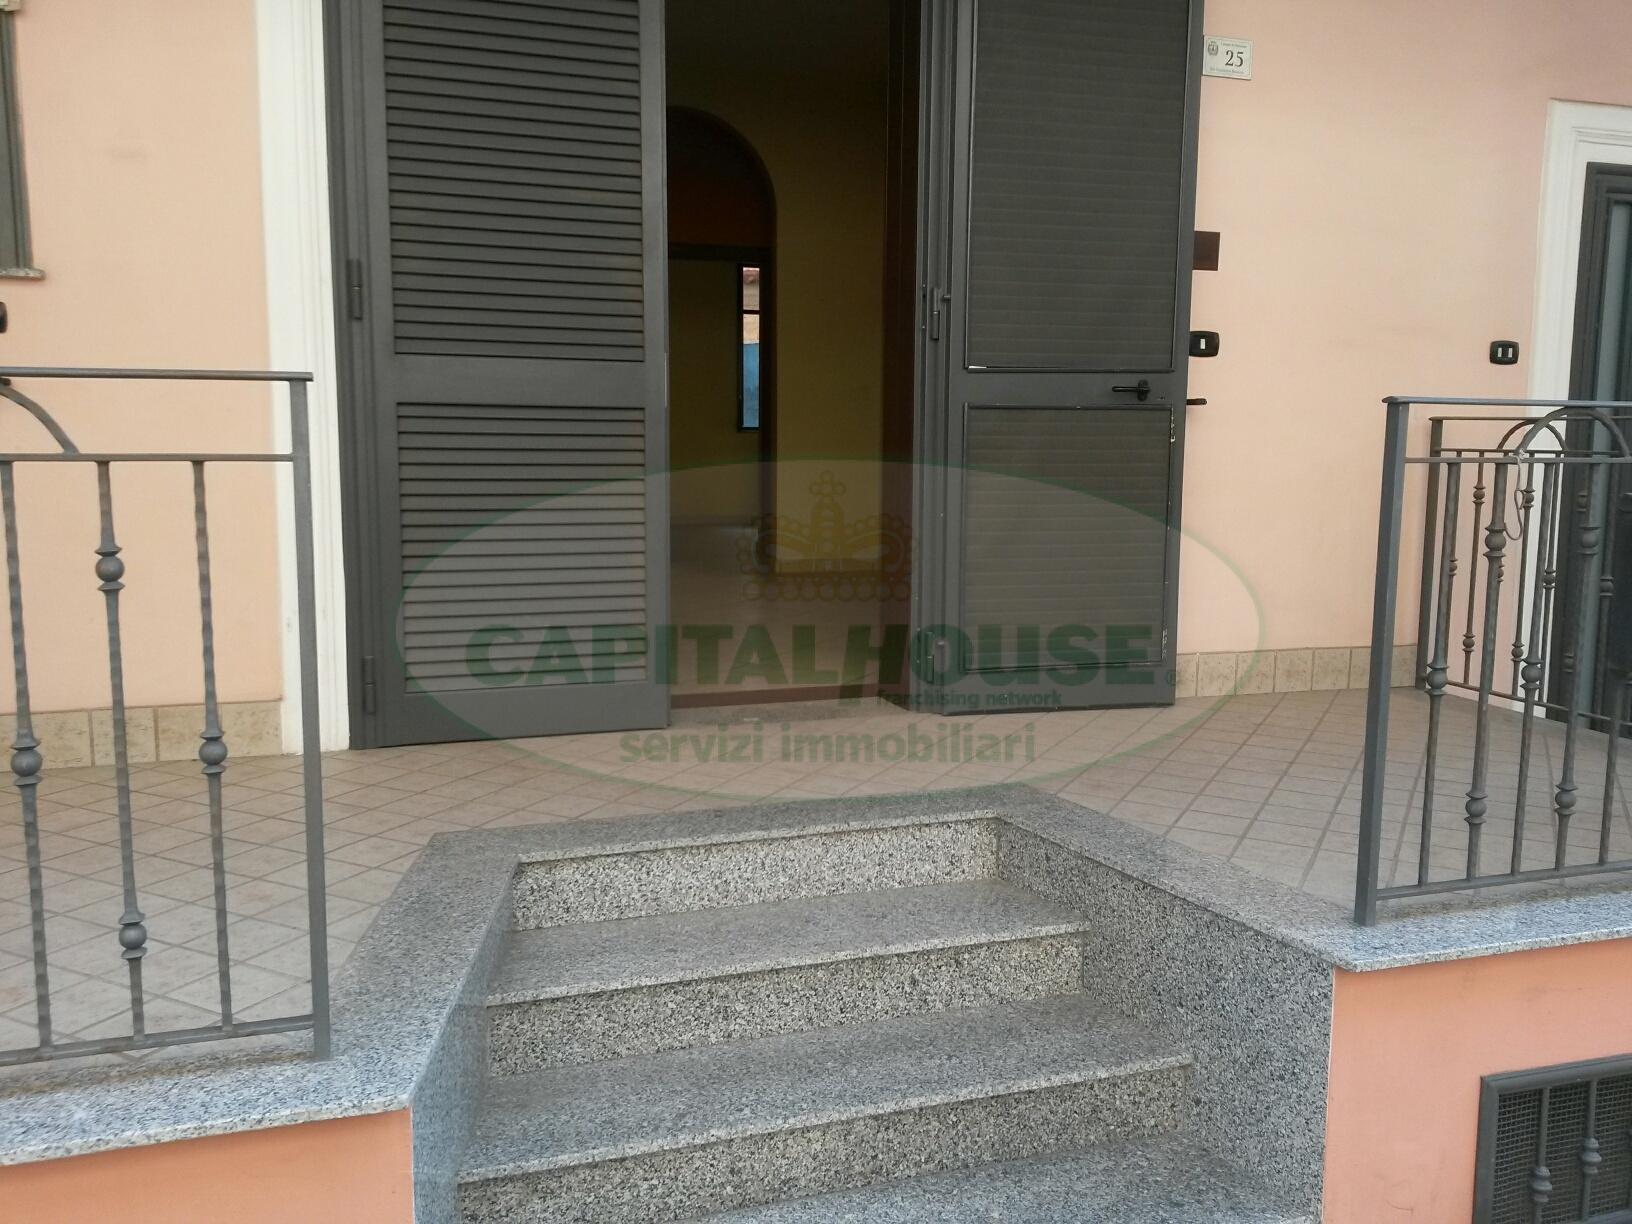 Appartamento in affitto a Marcianise, 3 locali, prezzo € 260 | Cambio Casa.it